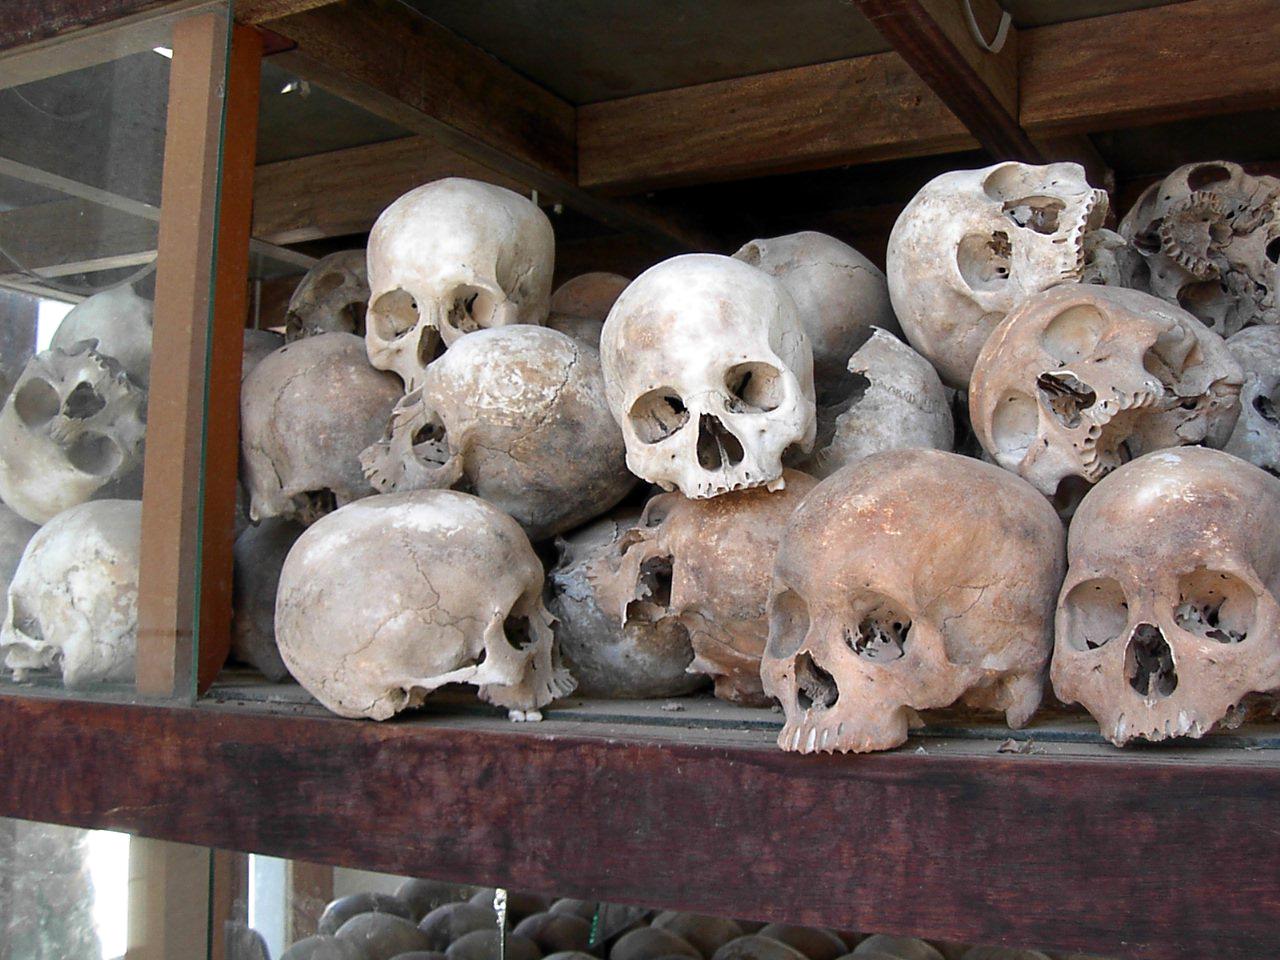 Režim, který Ovčáček tak velebí, povraždil asi 75 milionů lidí